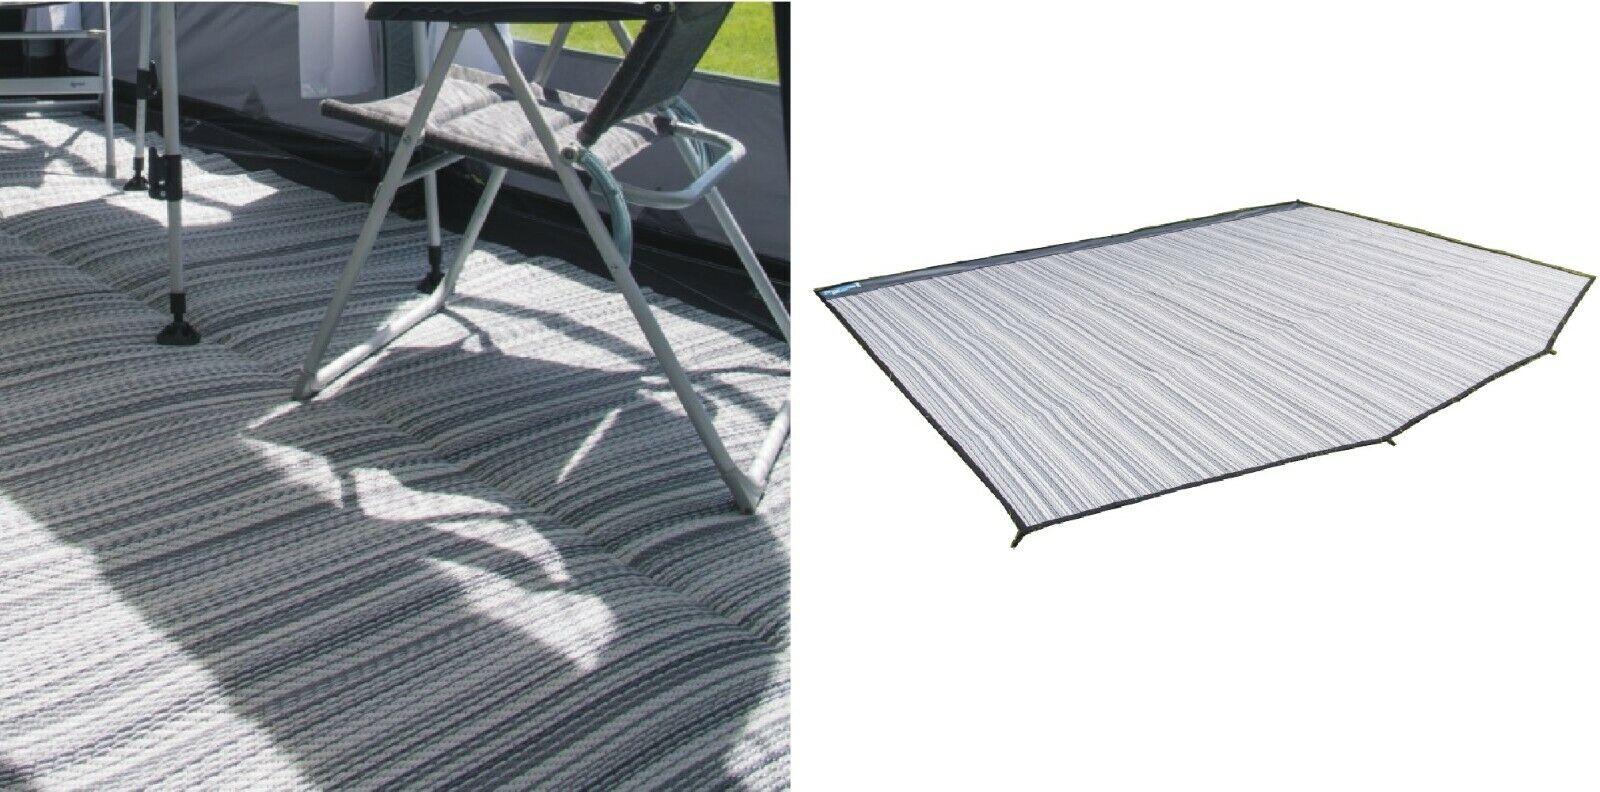 Zeltteppich Vorzeltteppich Campingteppich Zeltboden Vorzelt Camping 2,5 x 4M